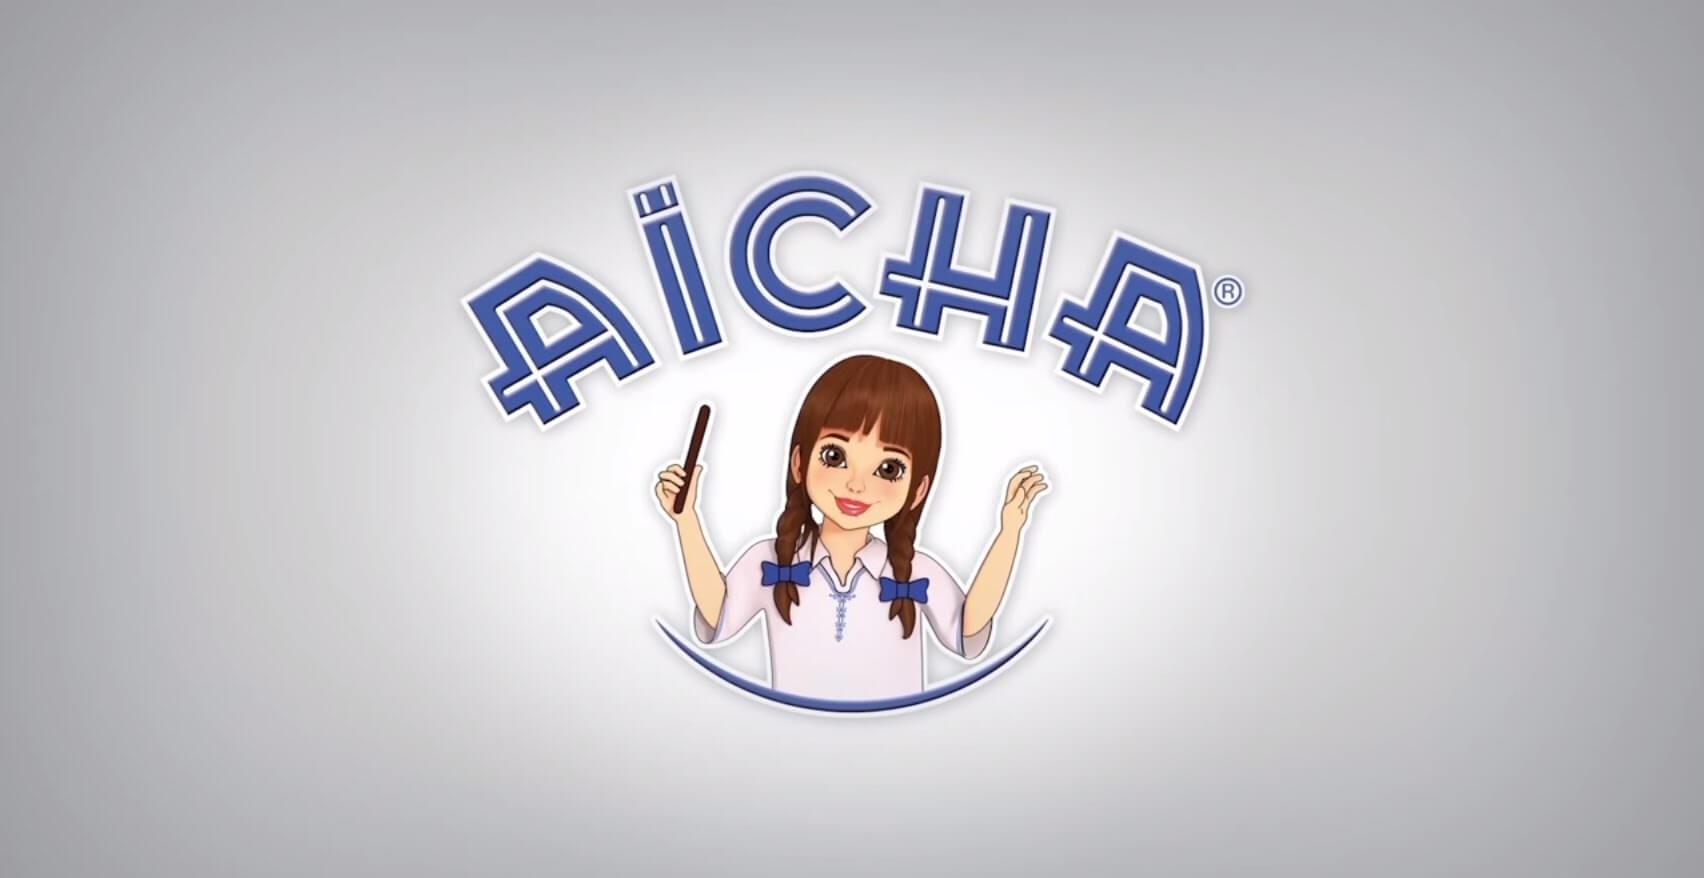 Les publicités animées Aïcha